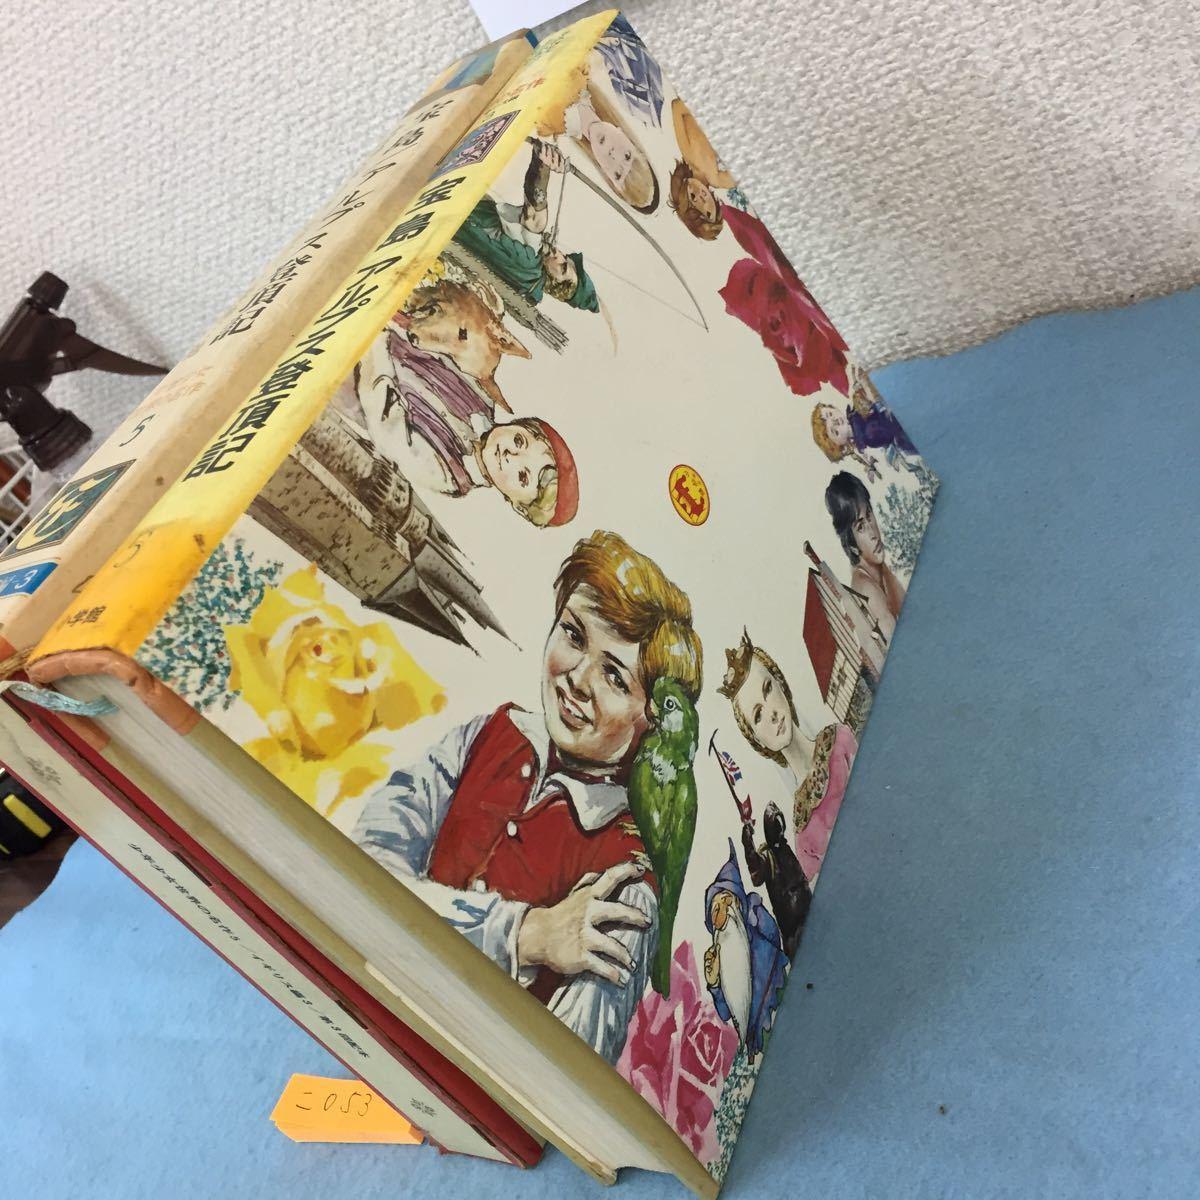 こ053 少年少女世界の名作イギリス編3 宝島/アルプス登頂記 ナイチンゲール/マラコット深海...他 5 小学館 昭和46年12月 初版第1刷発行_画像2